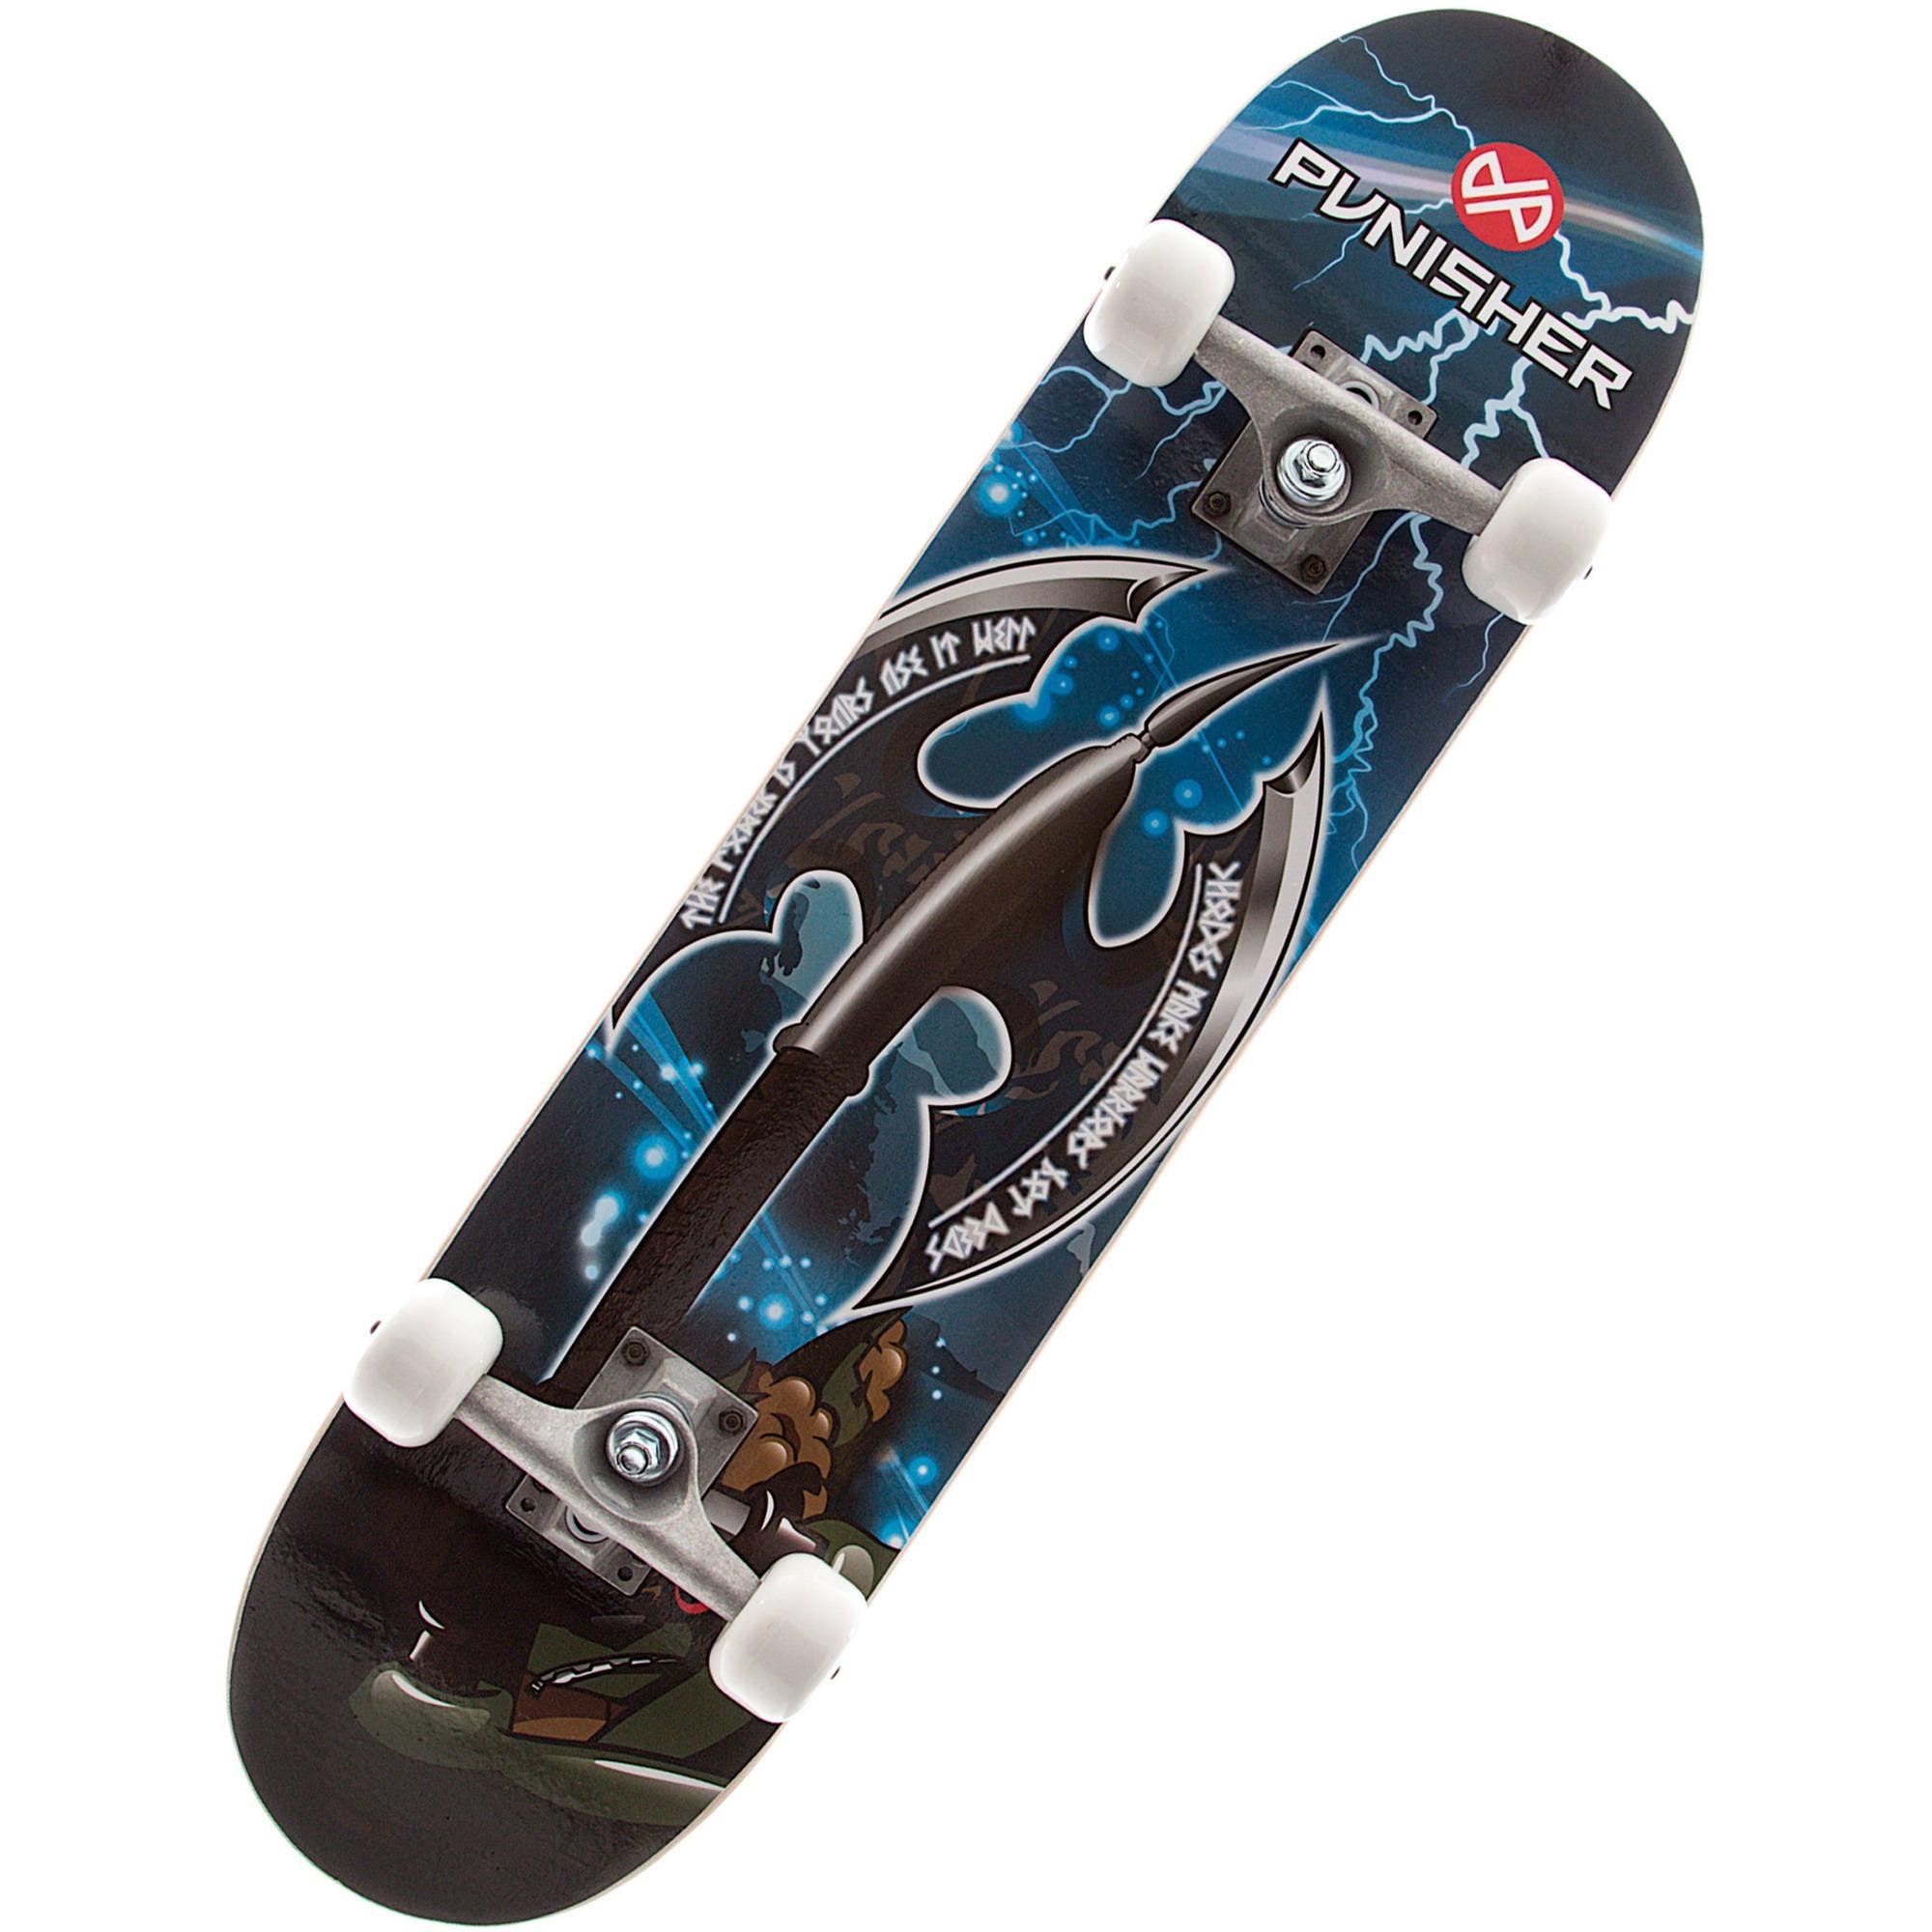 """Punisher Skateboards Warrior 31.5"""" ABEC-7 Complete Skateboard by Punisher Skateboards"""